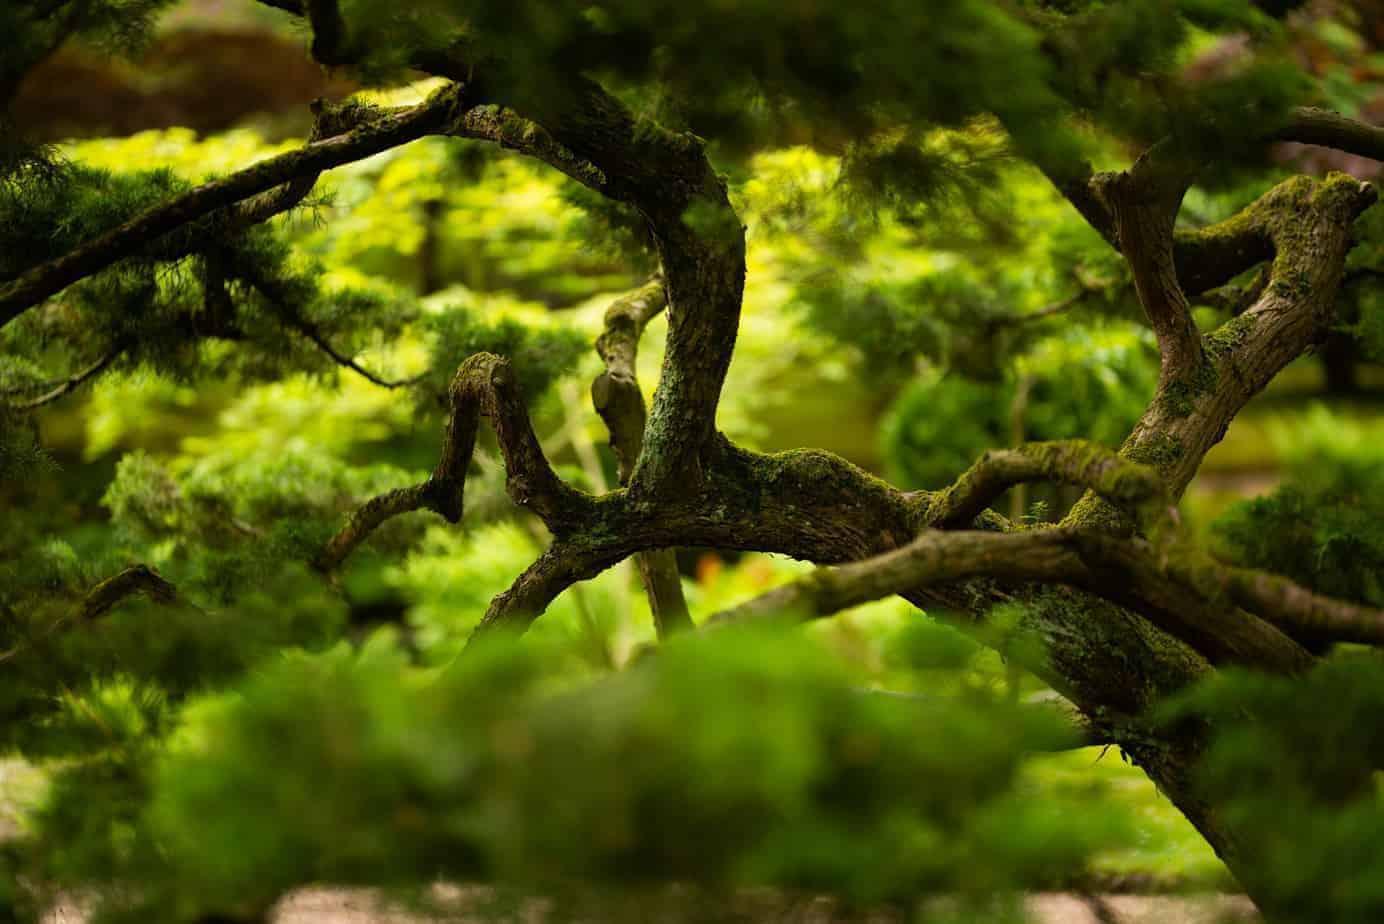 Detailfoto van een tak van een boom.